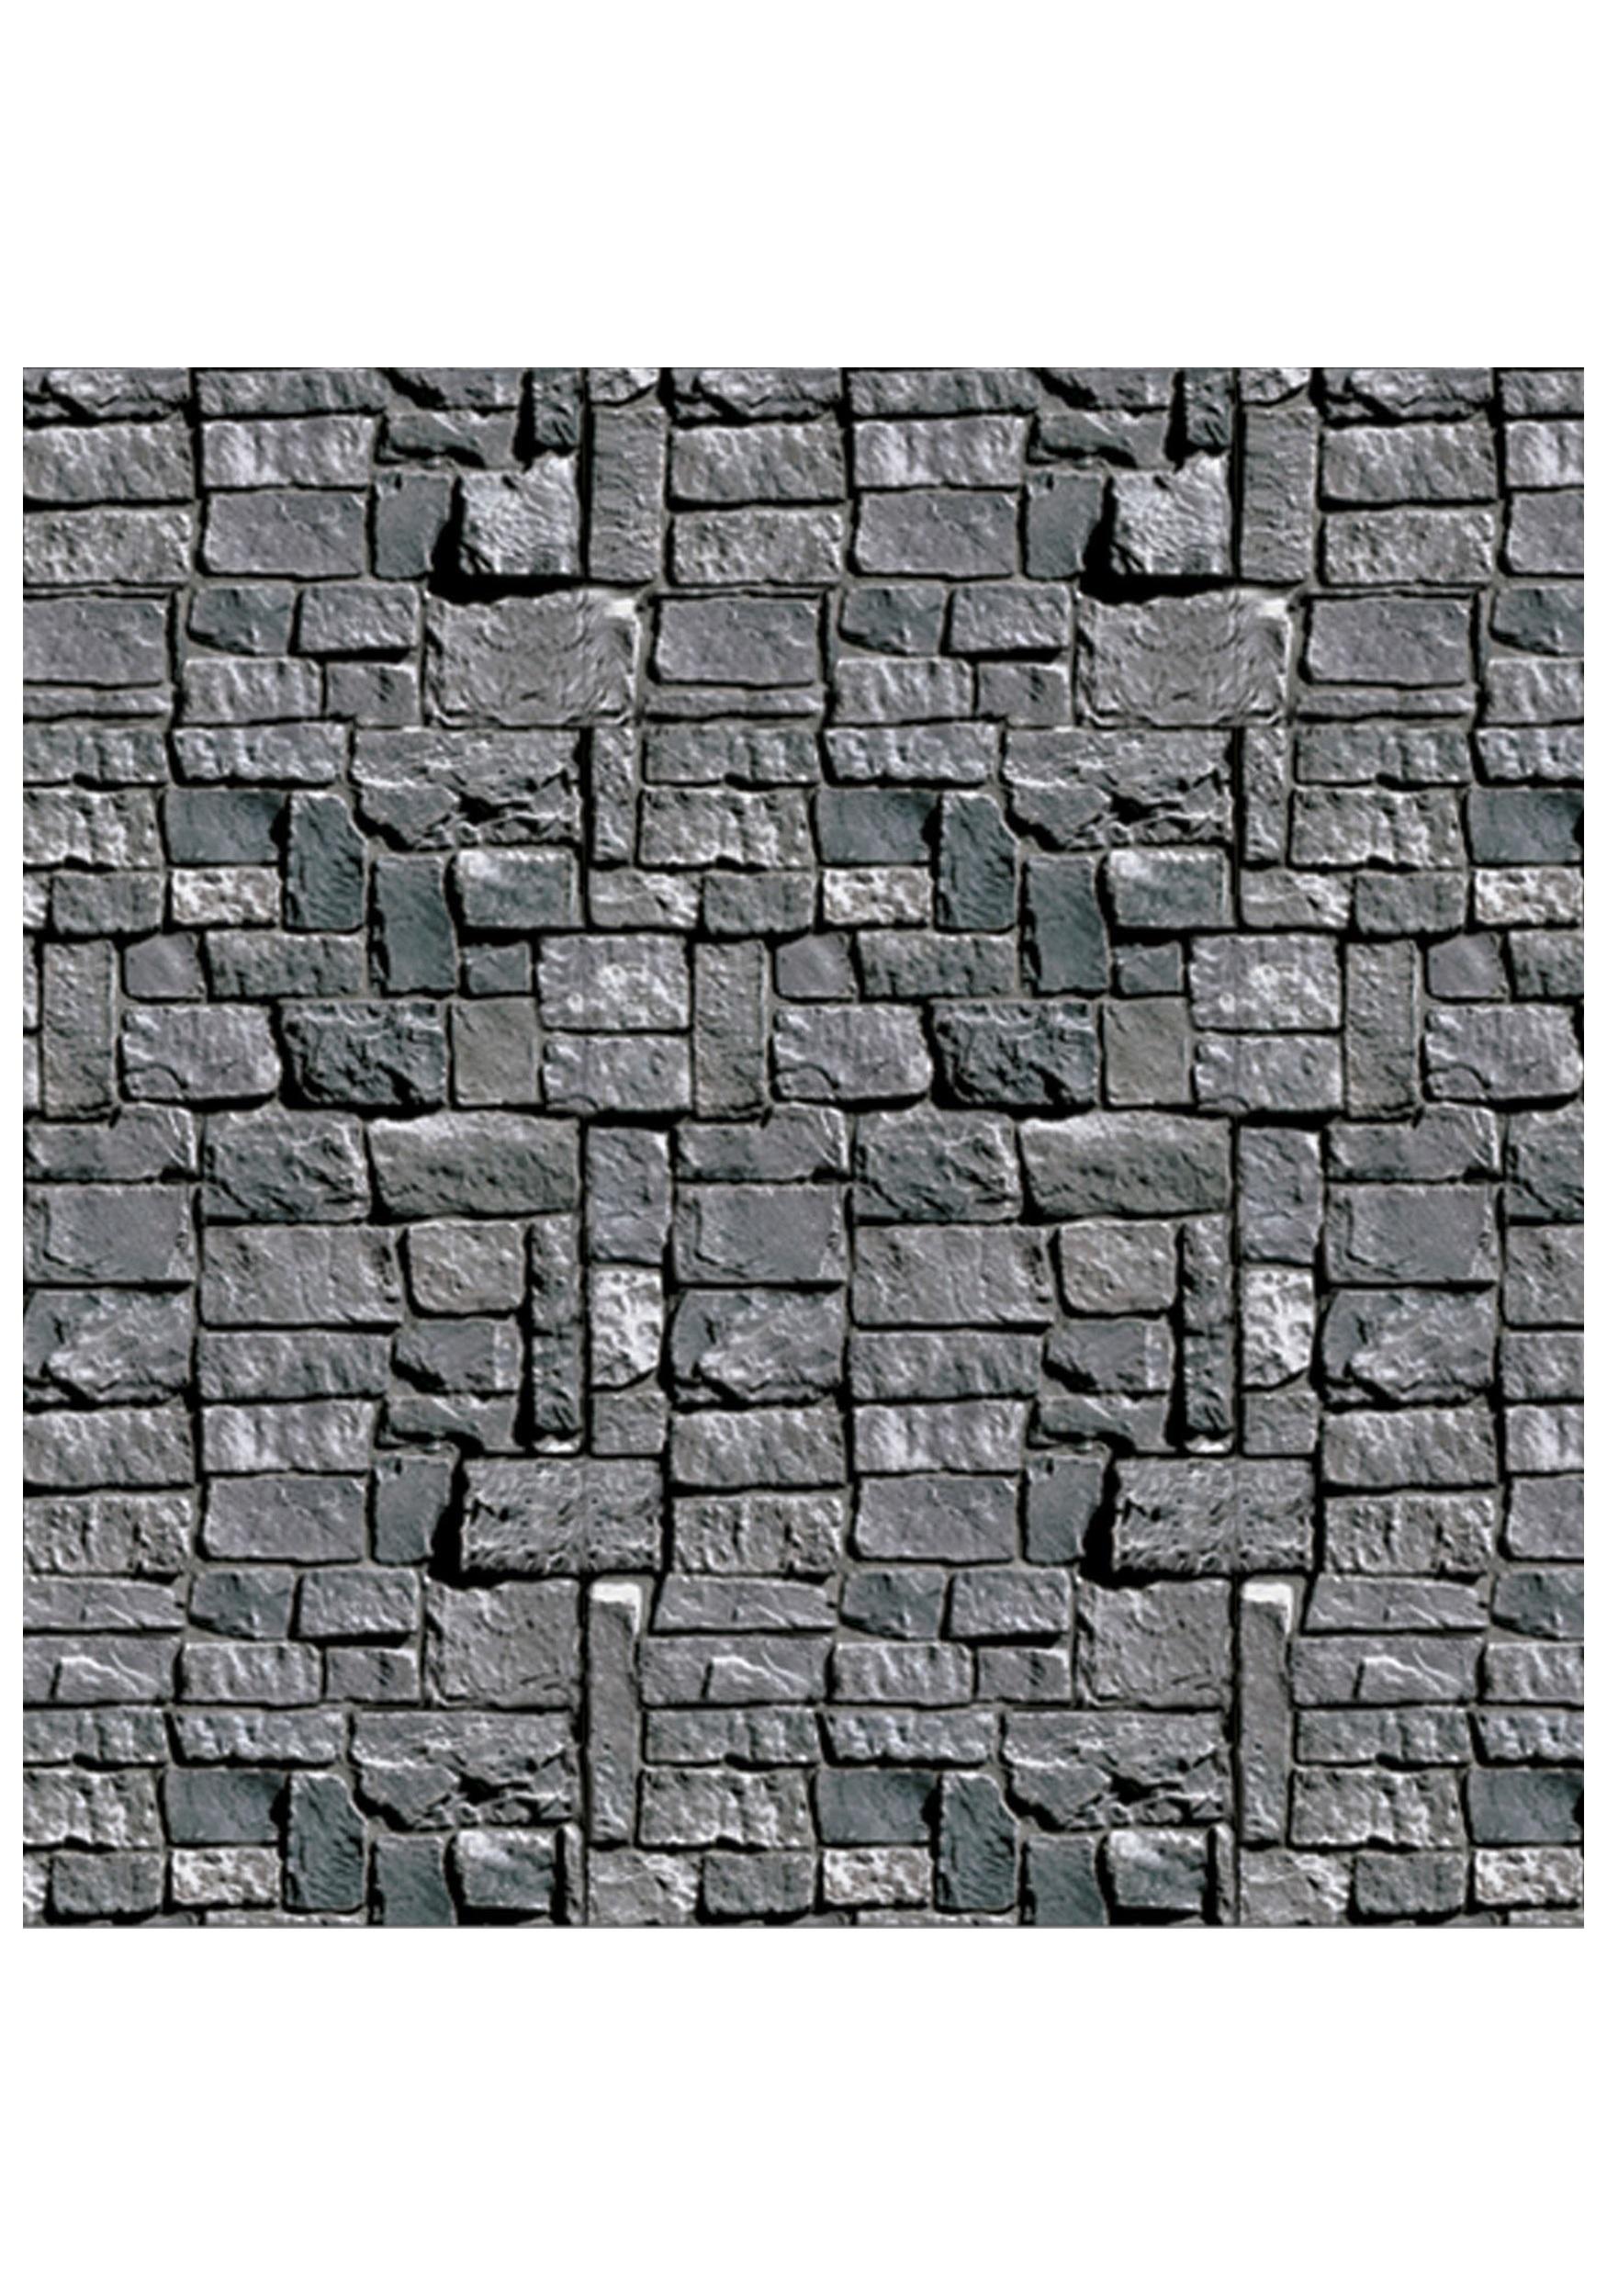 stone wall backdrop